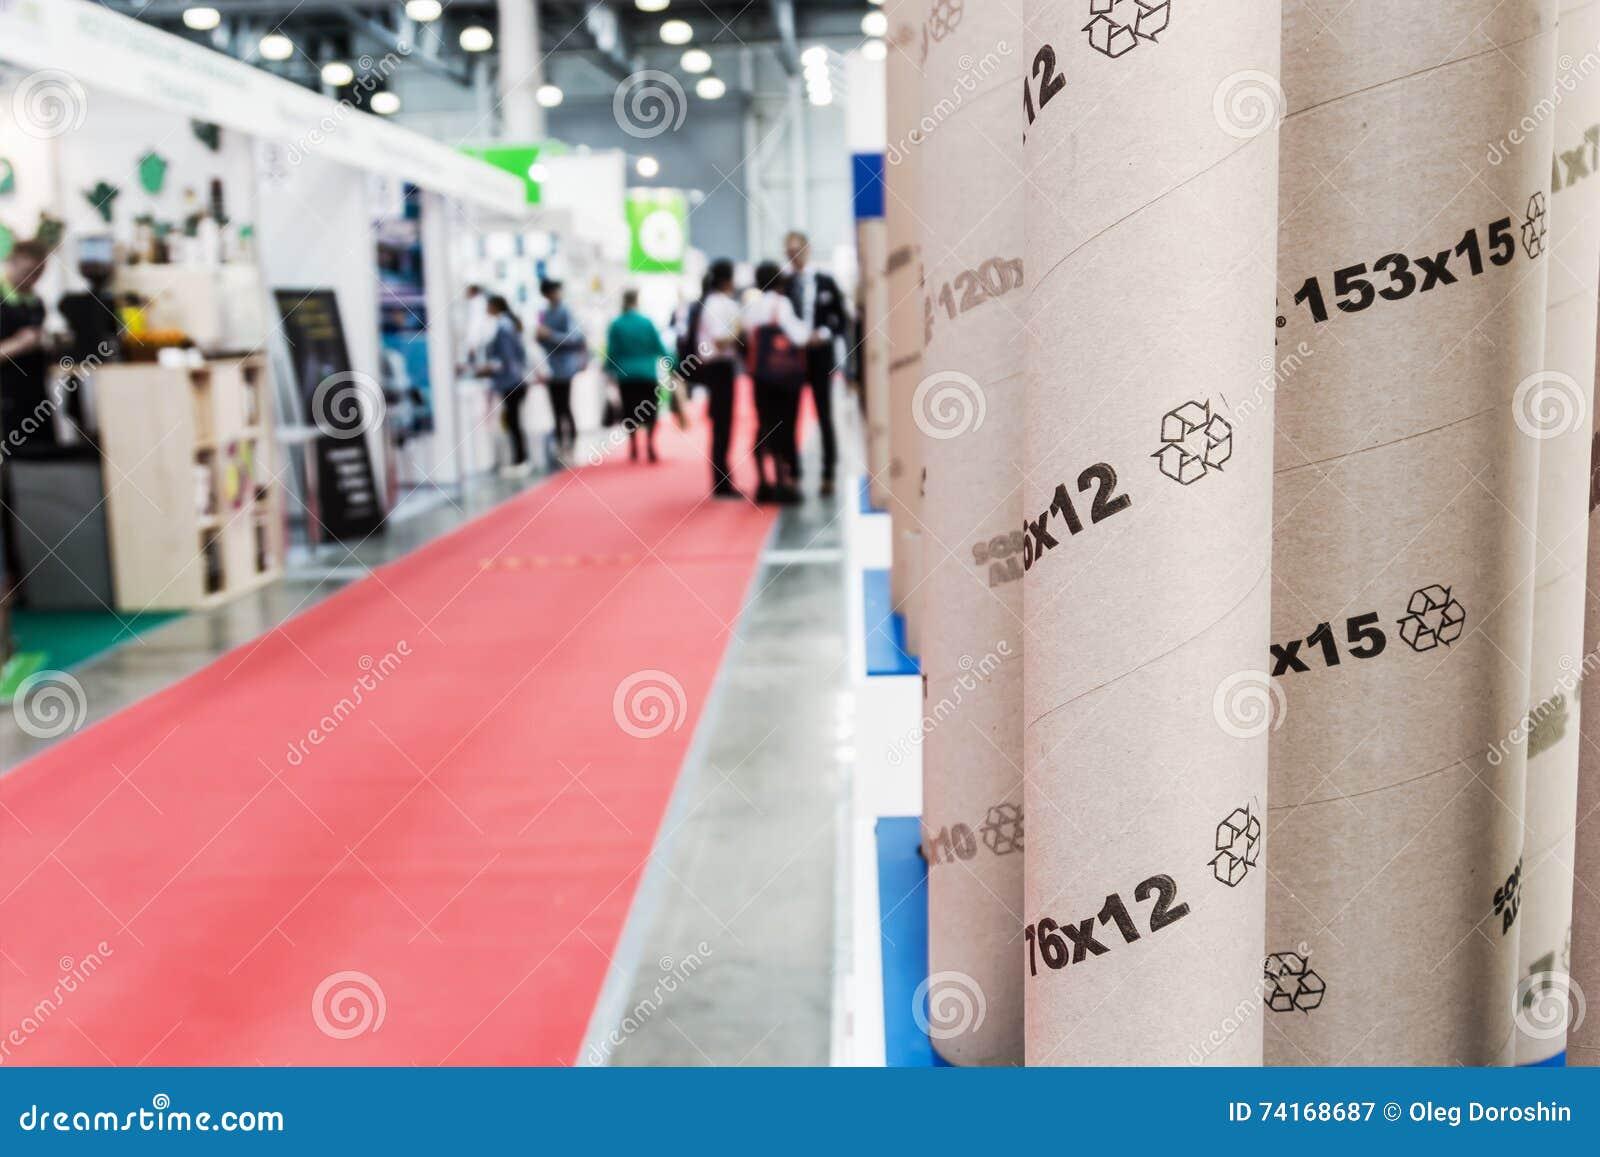 Goście i eksponenty odwiedza przy eksponaty i stojaki